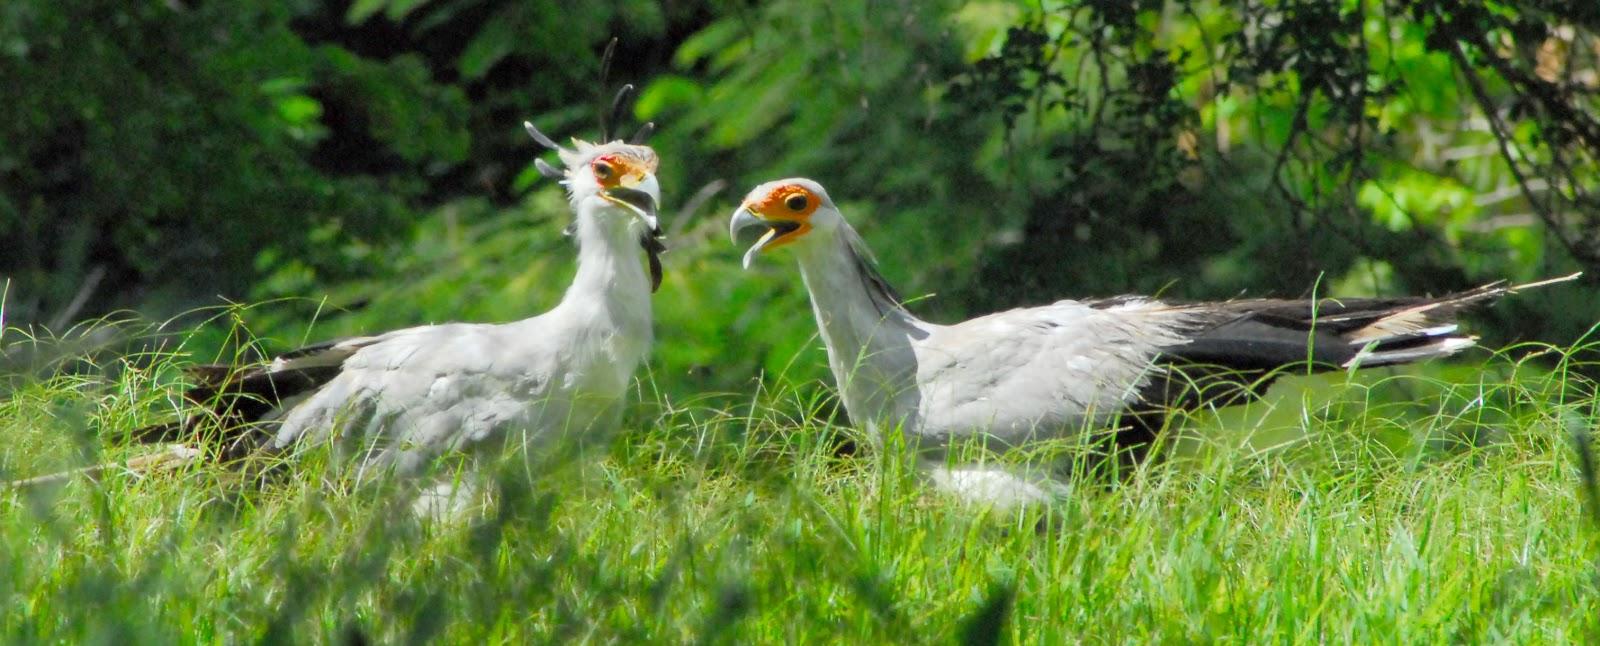 Aves EL PJARO SECRETARIO